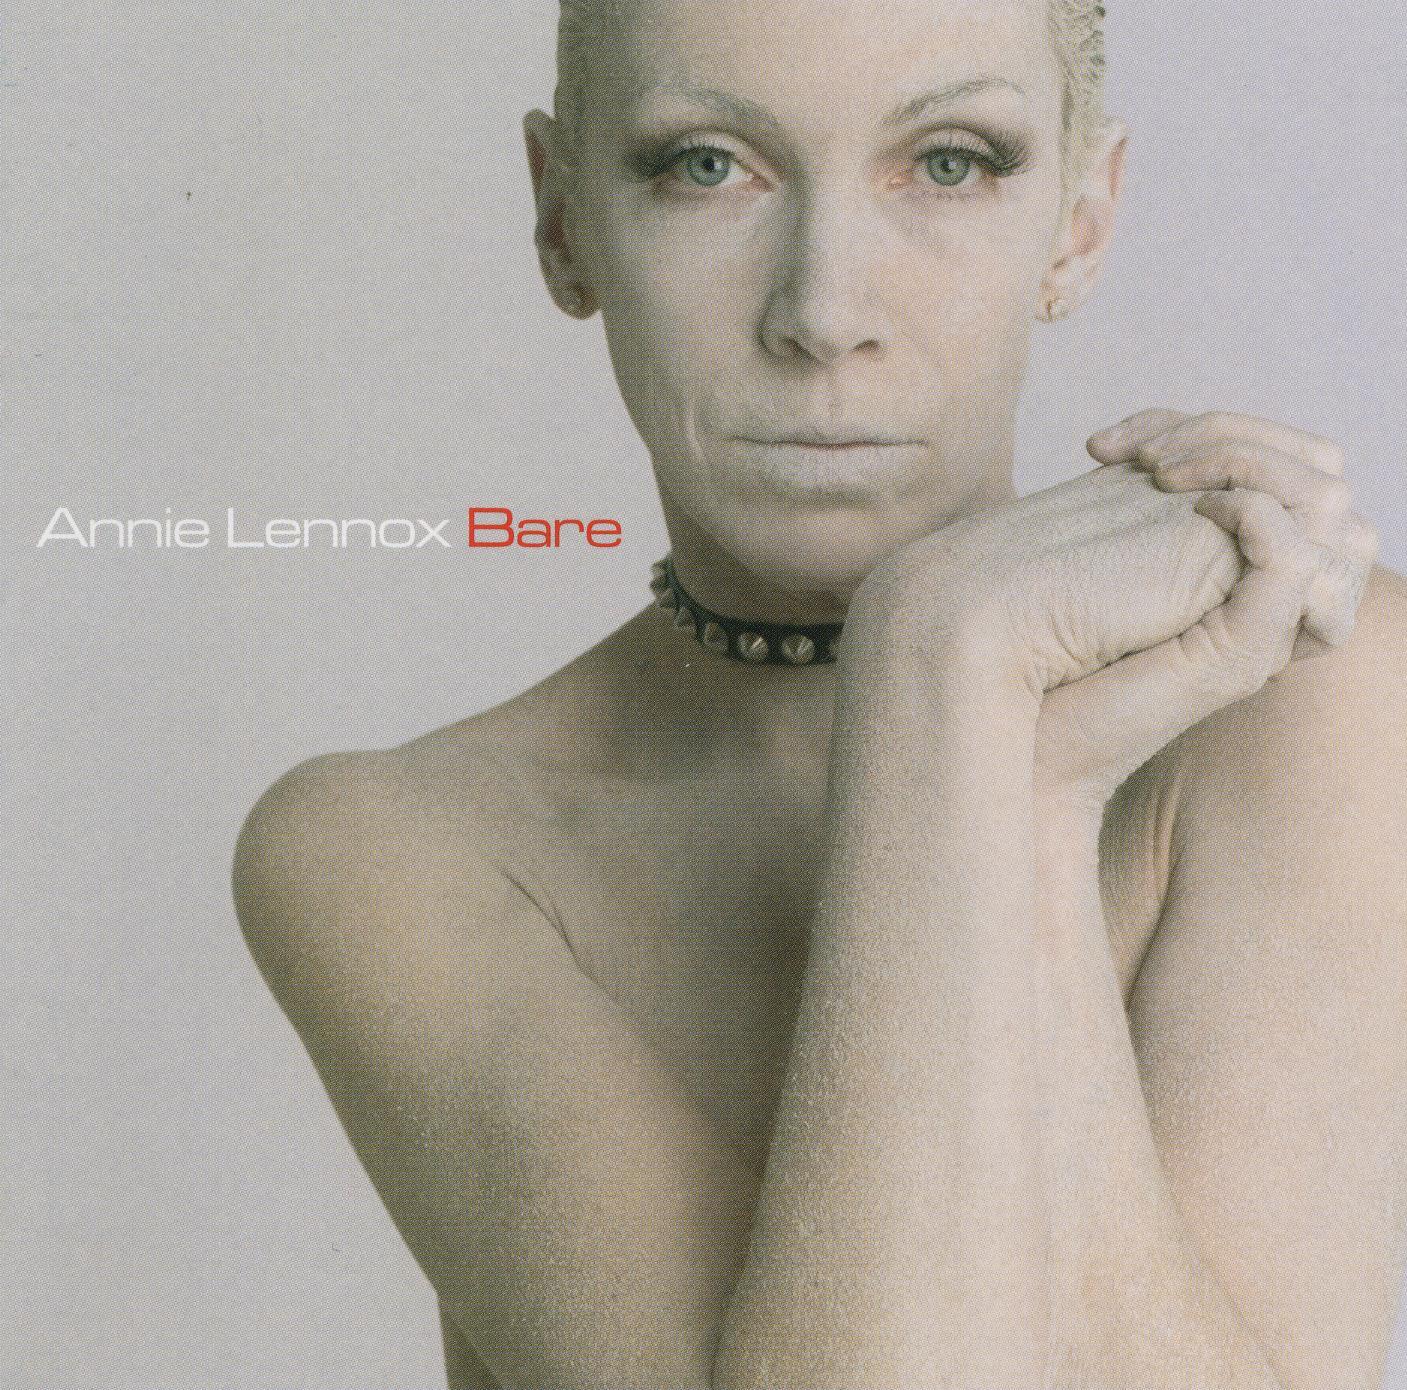 Annie Lennox: Bare